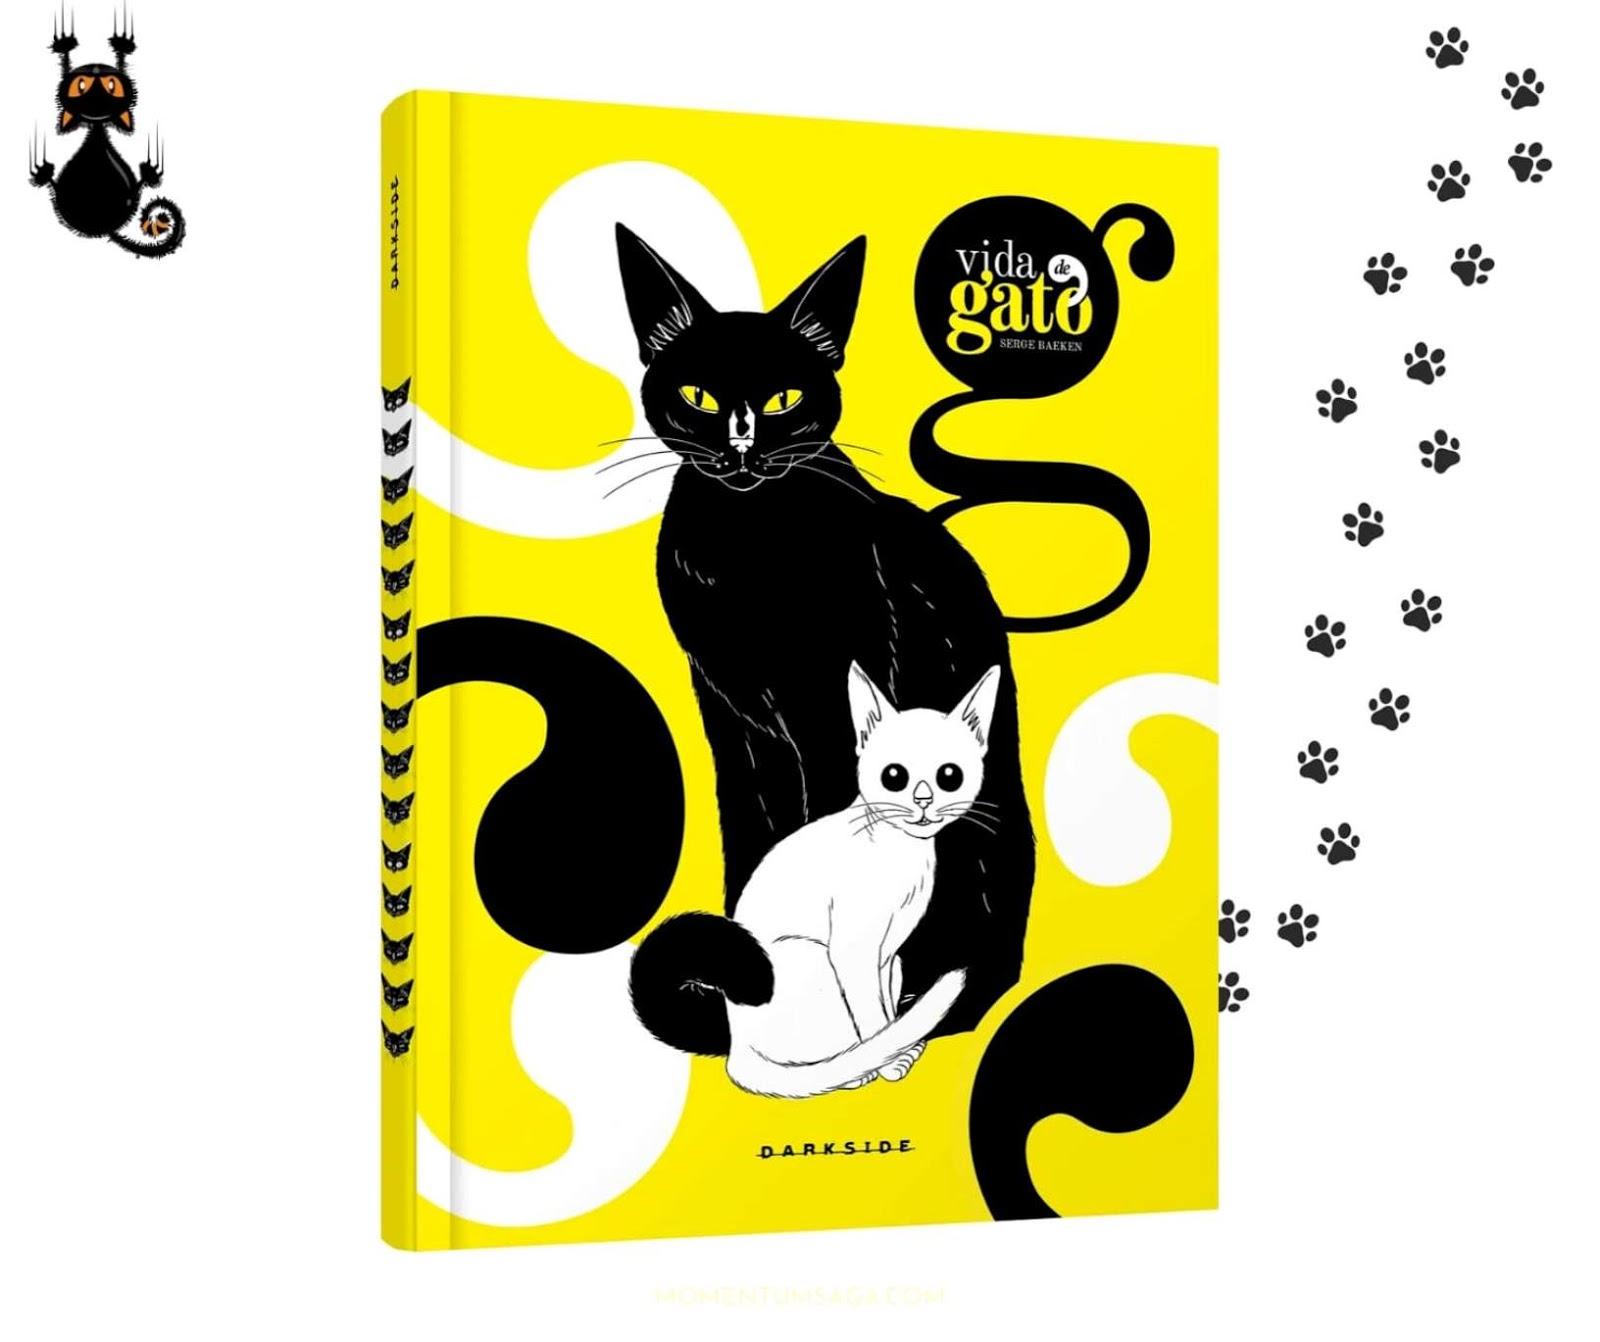 Resenha: Vida de Gato, de Serge Baeken